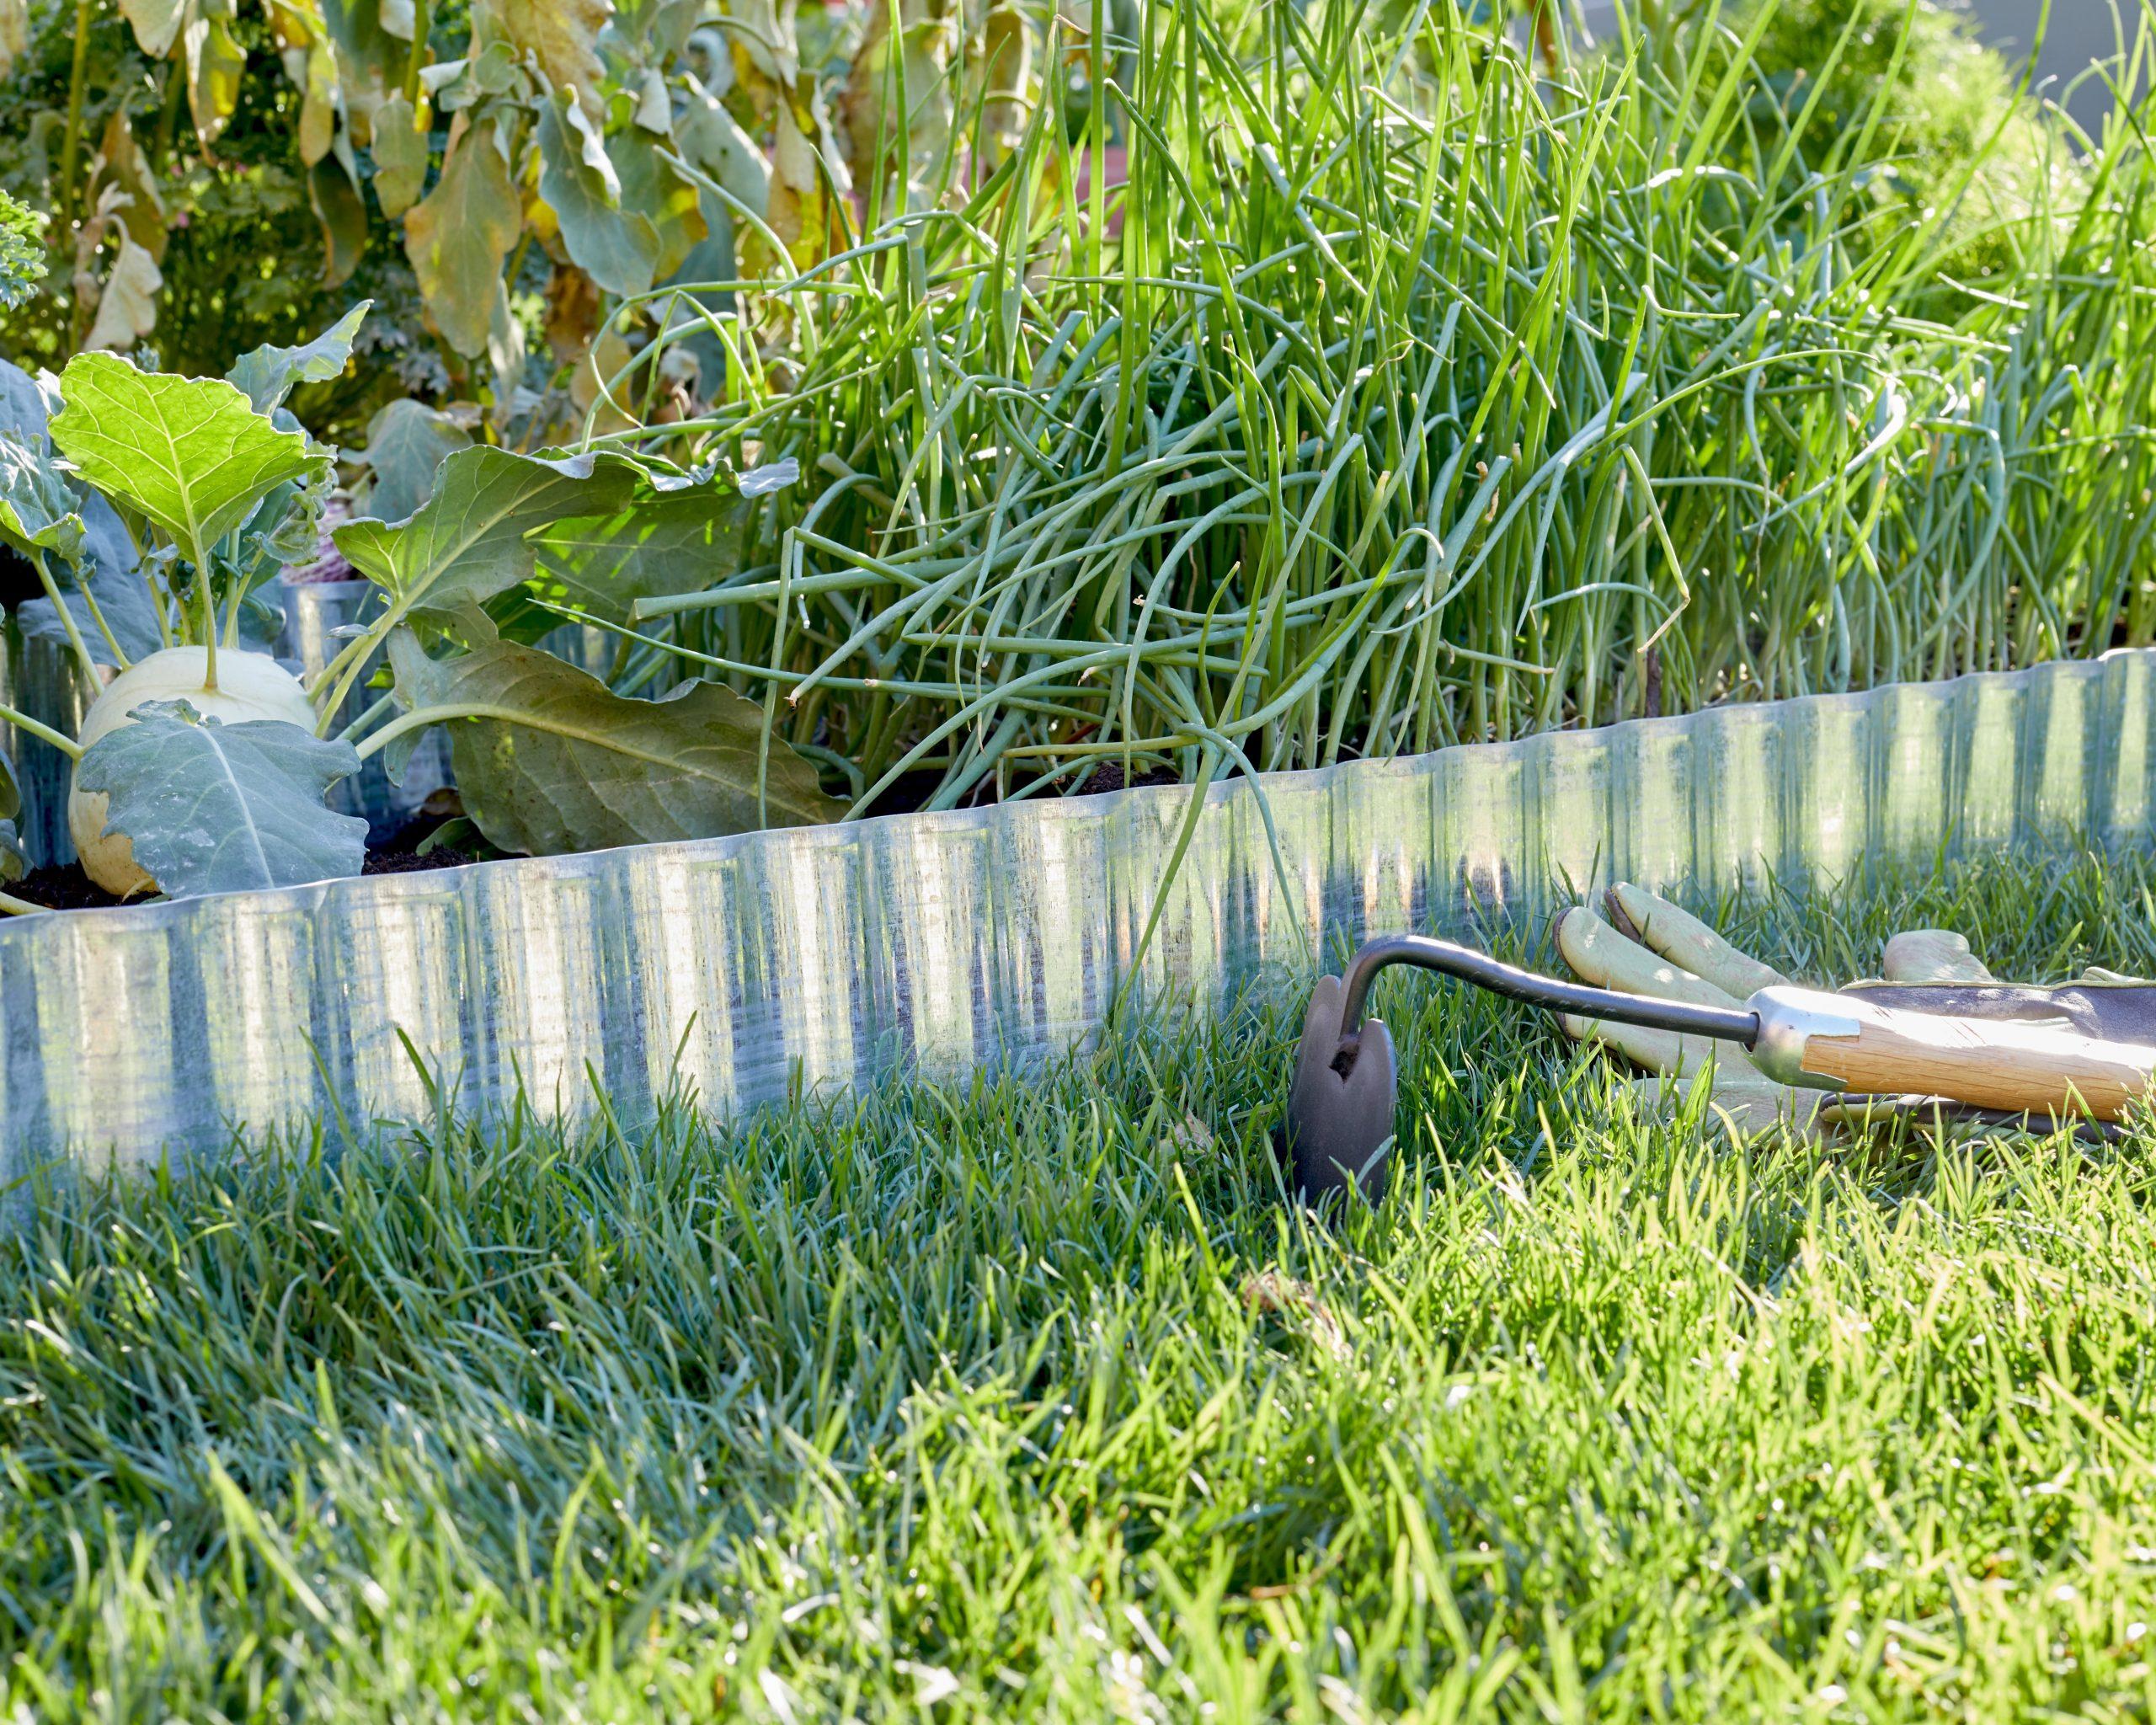 Bordure Décoratif Acier Galvanisé Gris, H.14 X L.14 Cm intérieur Bordure De Jardin Plastique Leroy Merlin